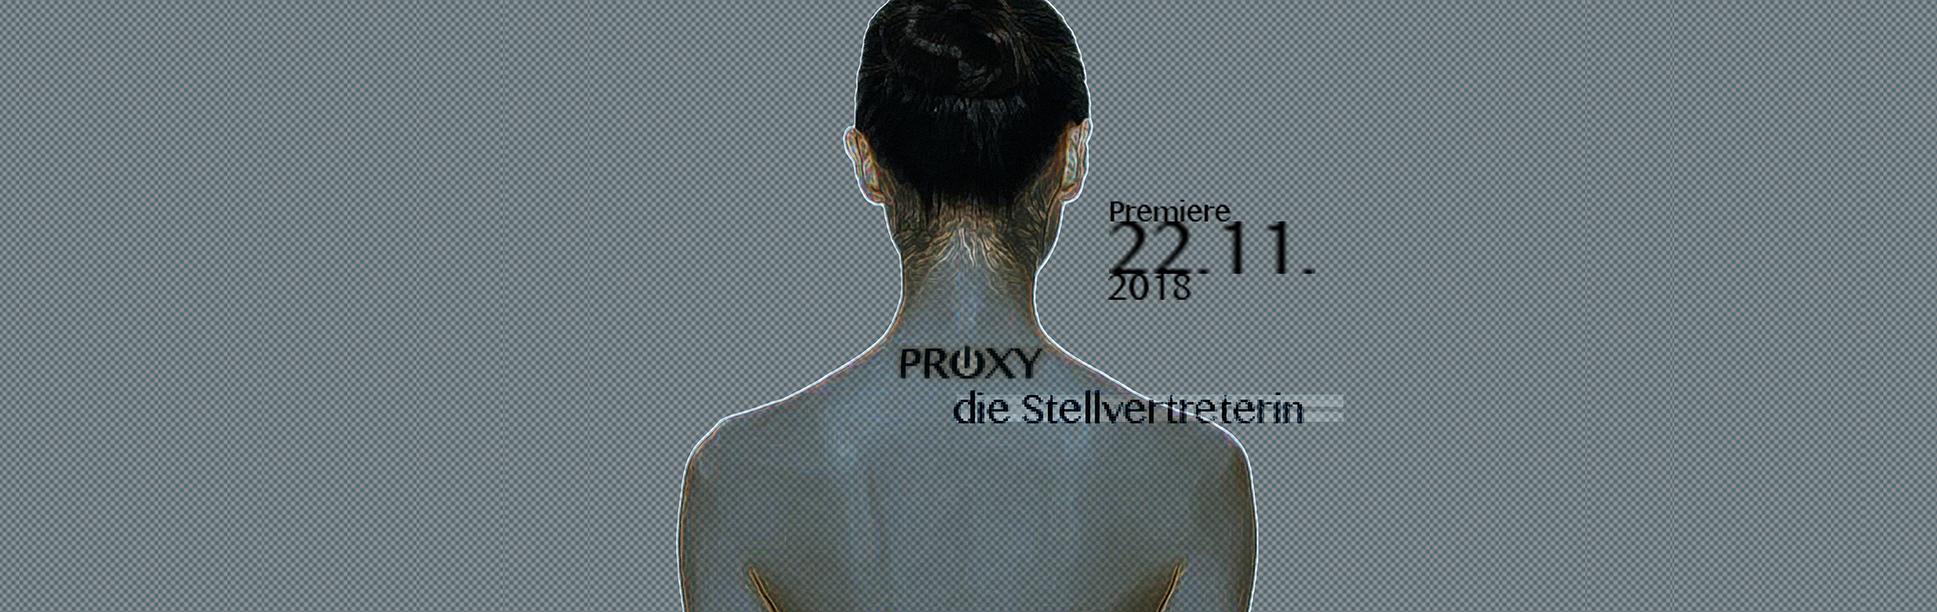 ProxyTeaser01slider02